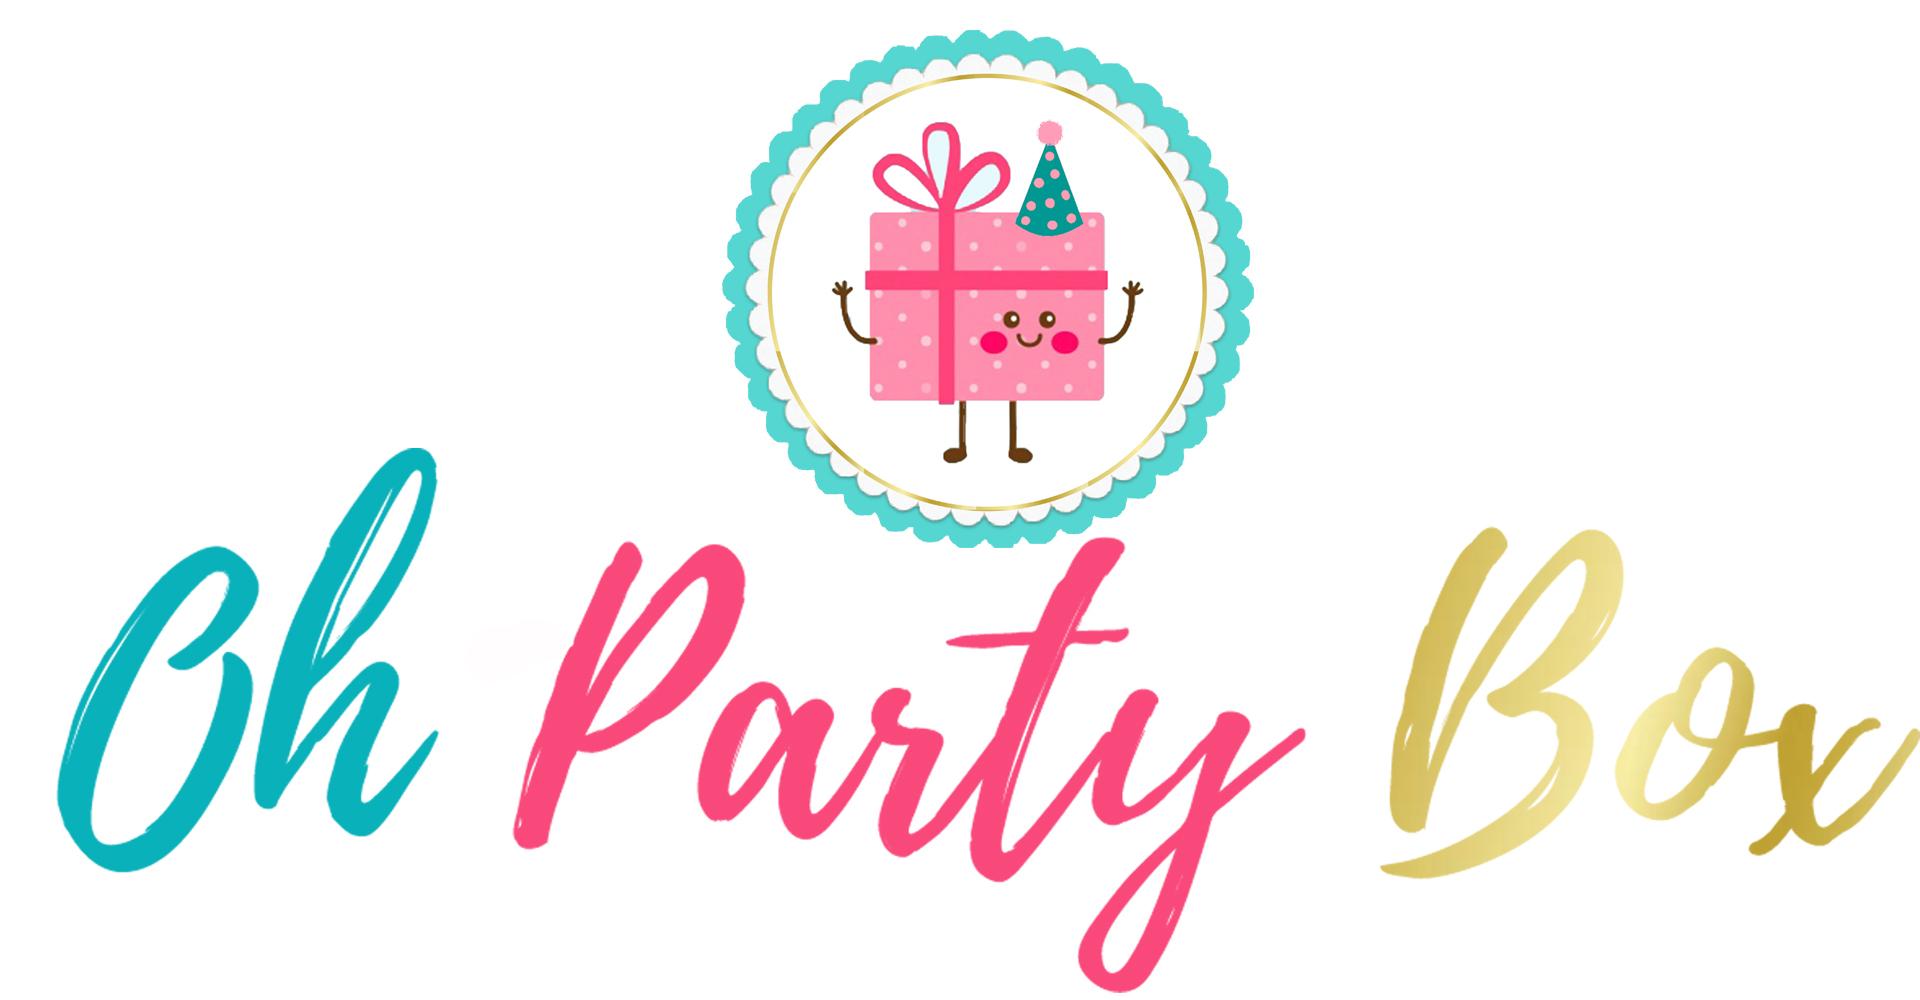 décoration anniversaire- fille- garçon- enfant -anniversaire adulte -30 ans- 18 ans-genderrevelparty-baby shower- guirllandeprenom- banierre-theme au choix bapteme-fiancaille - buffet -candy bar- sweet table - personnalisé-thème-...